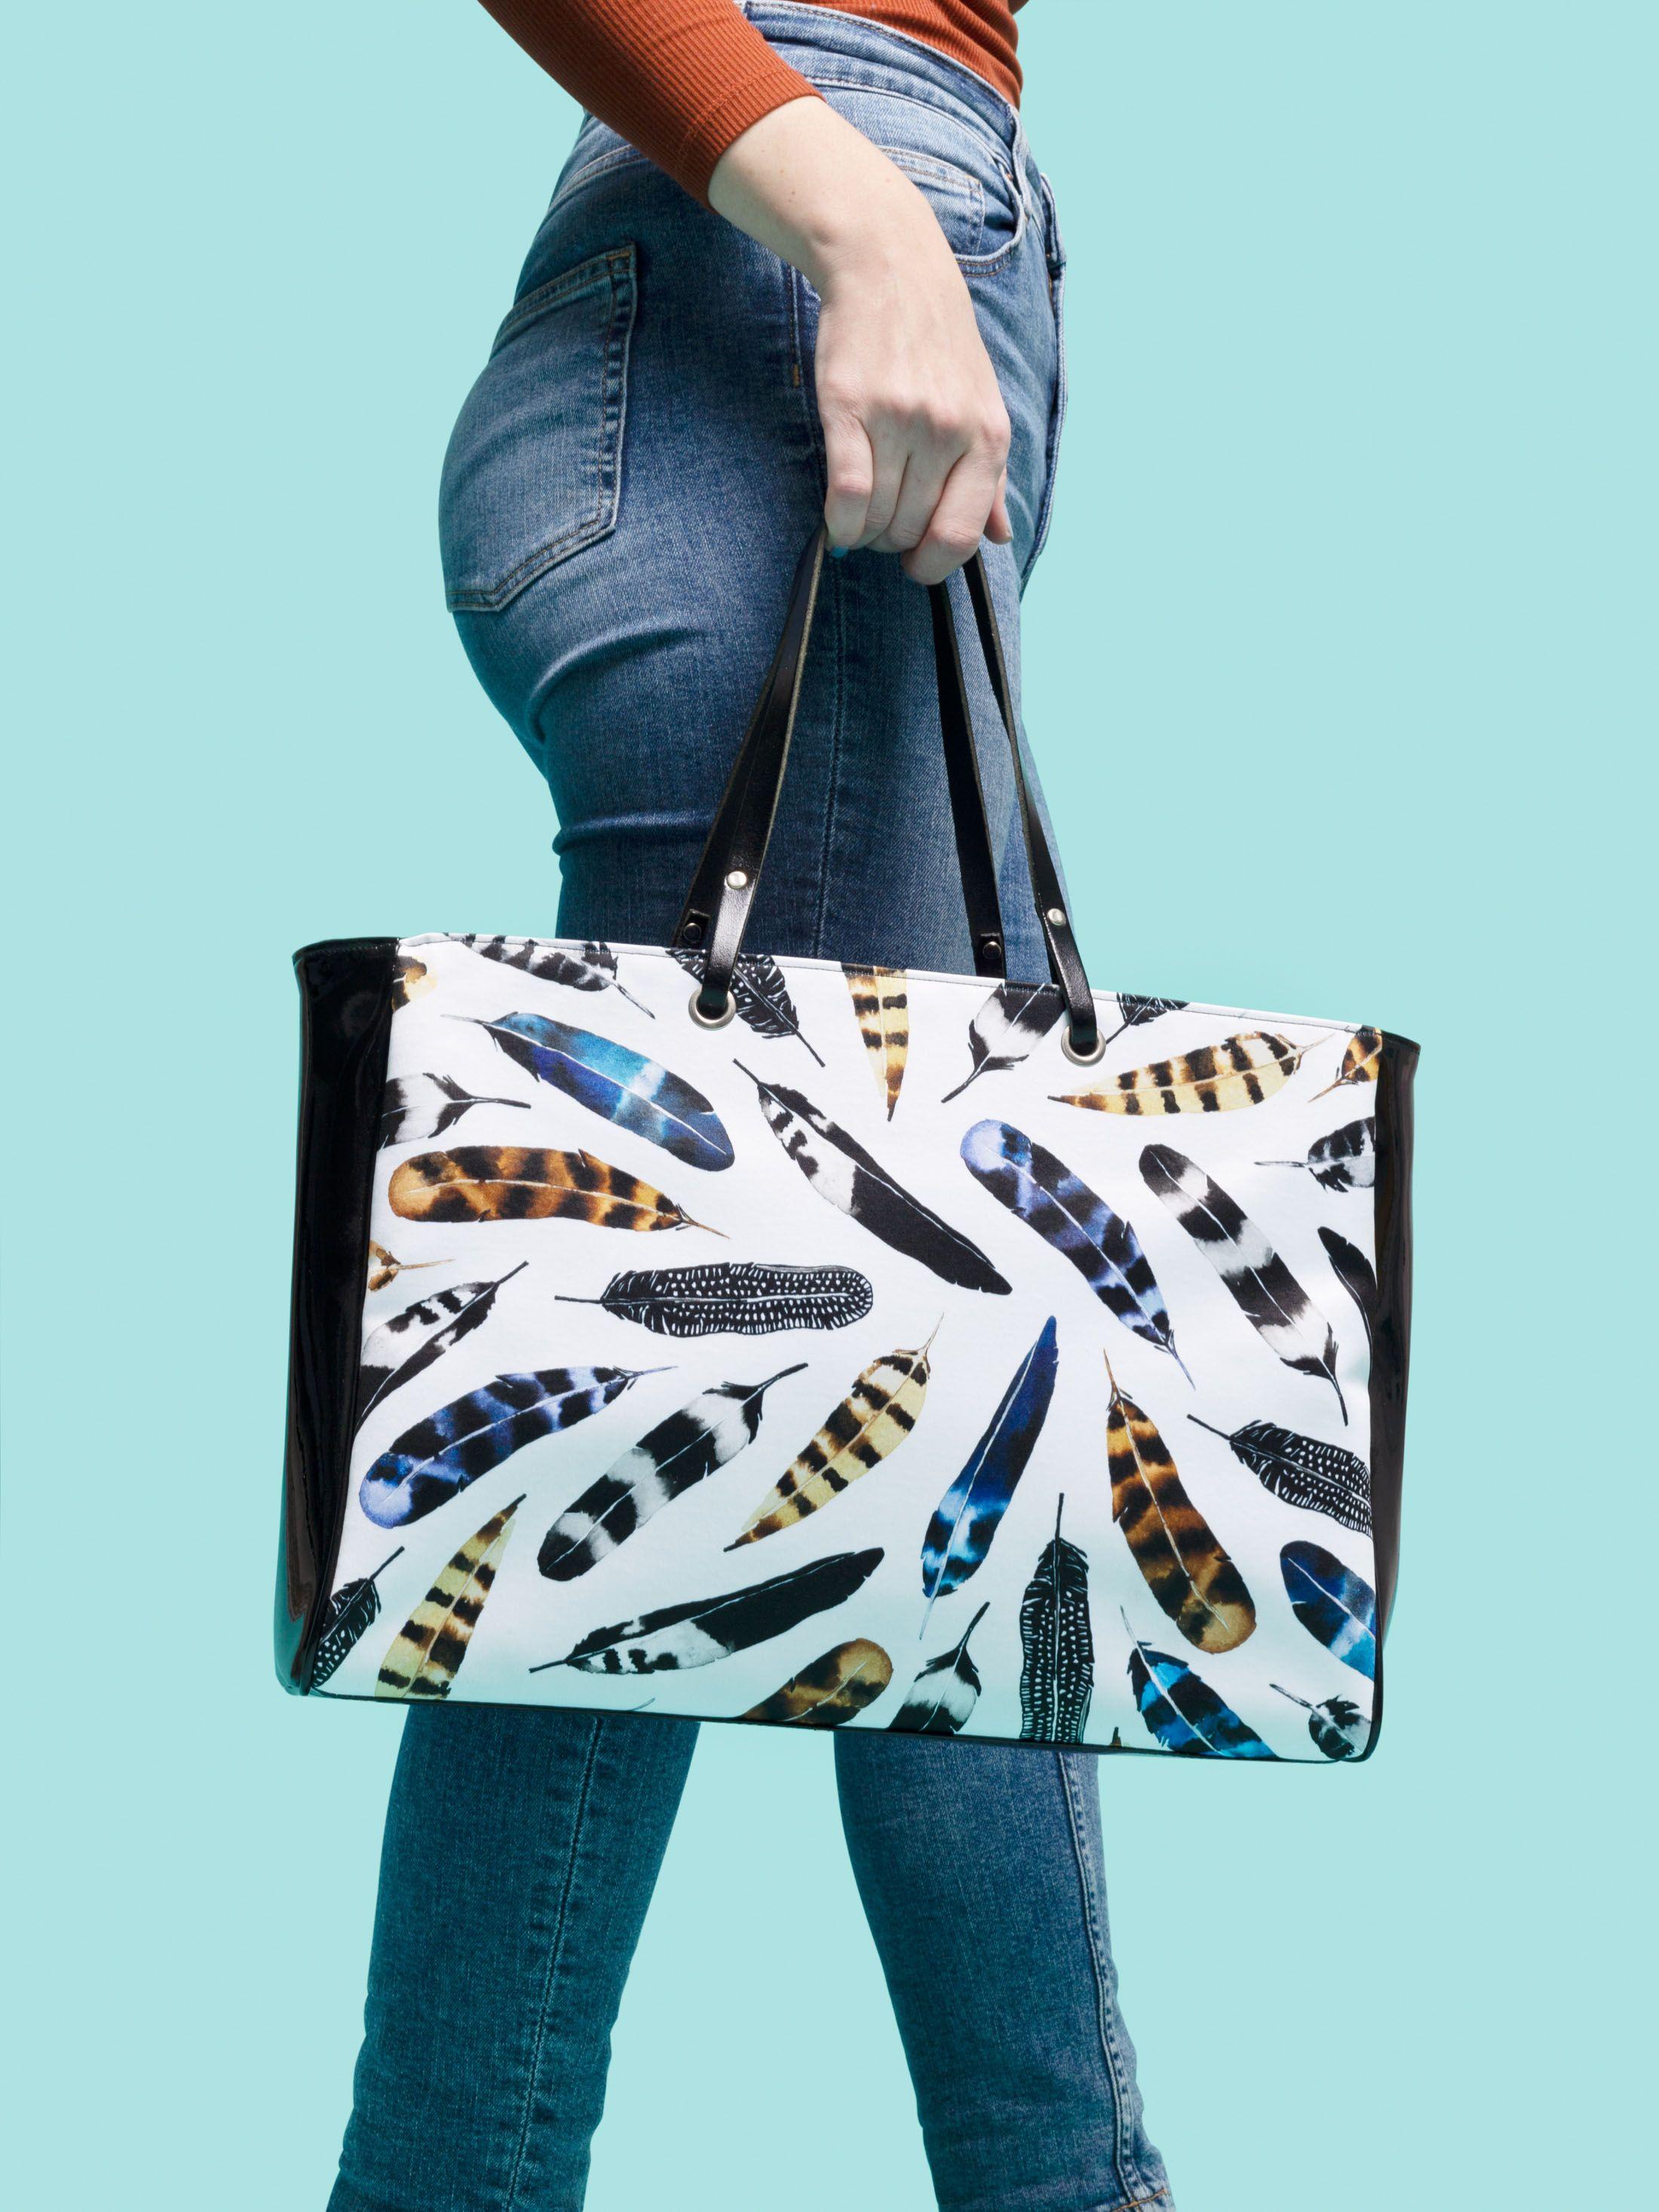 オーダーメイド ハンドバッグ デザイン 印刷